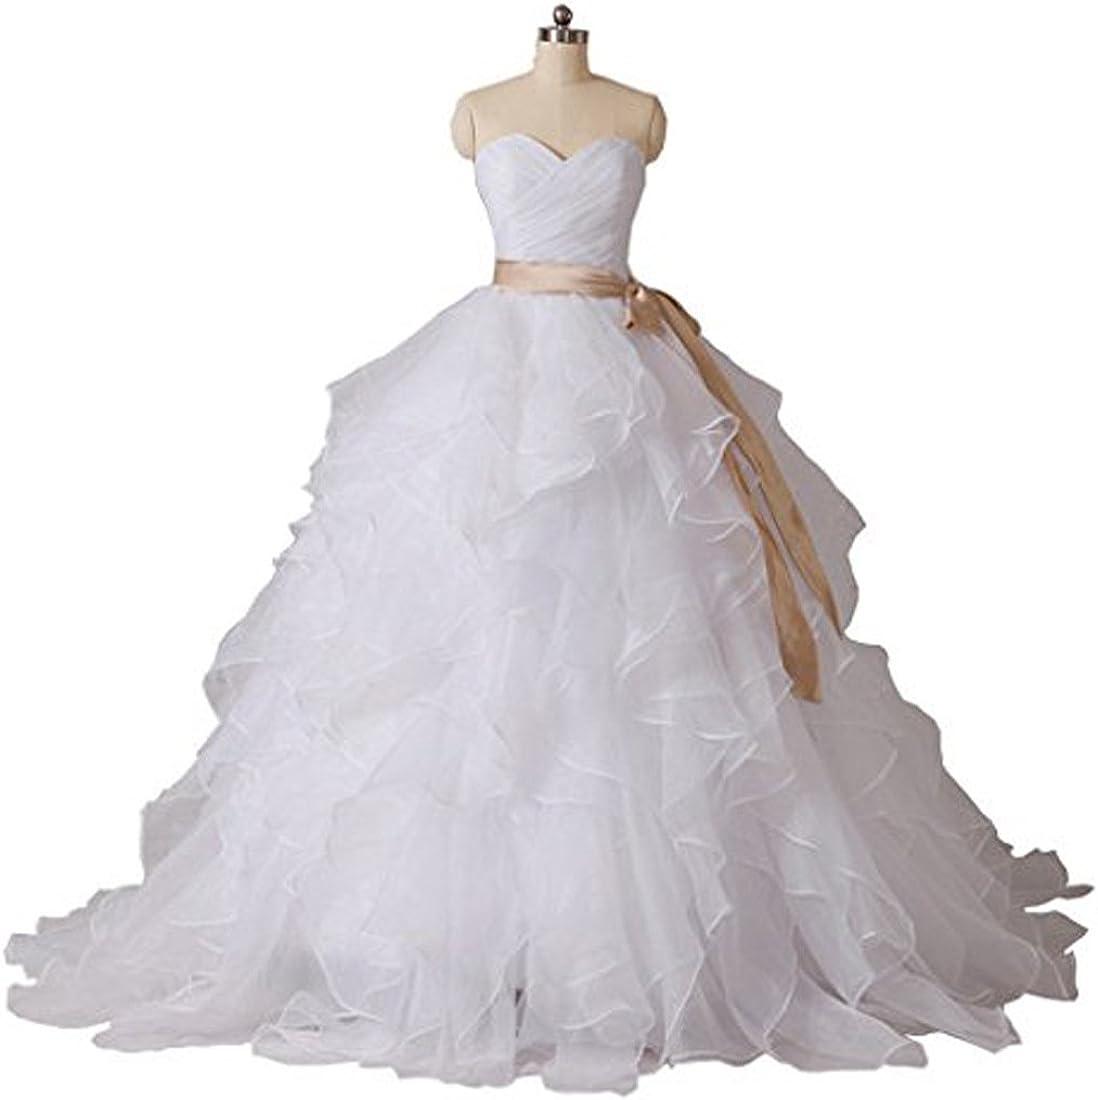 YIPEISHA Womens Bridal Gown Wedding Party Dresses Organza Bride Dress Beach Wedding Dresses